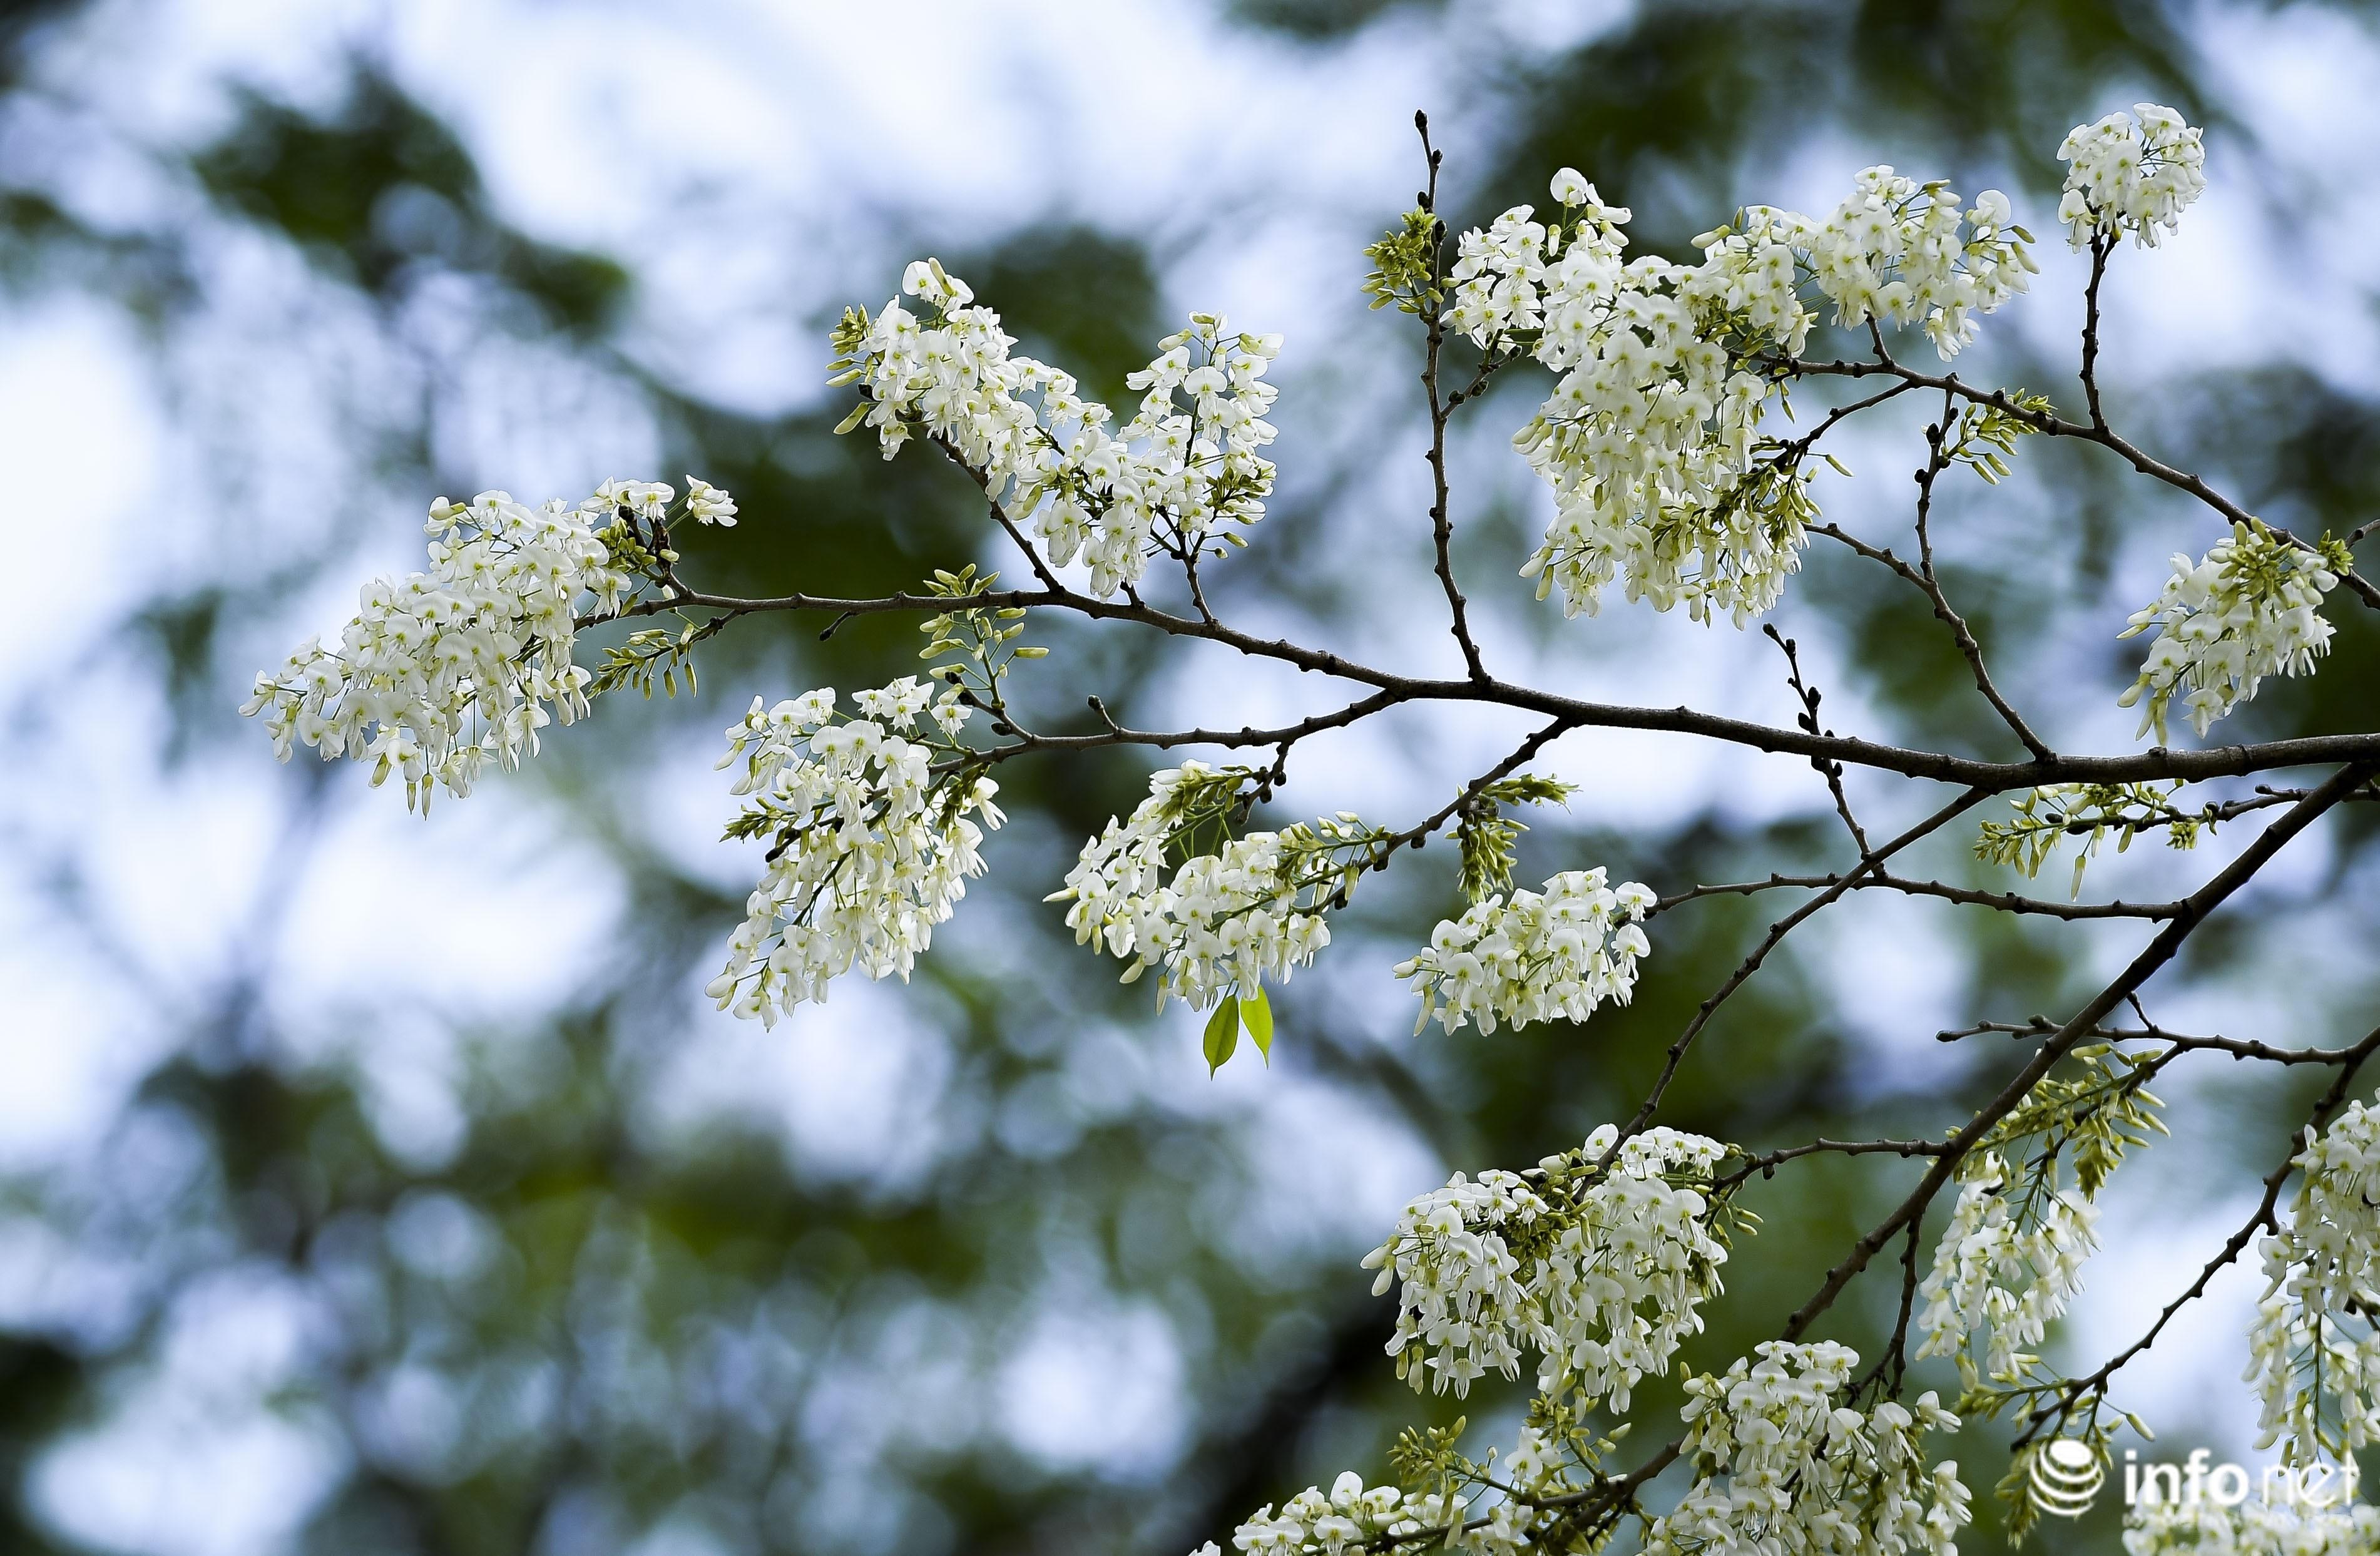 Ngắm hoa sưa nở trắng phố phường Hà Nội Ảnh 15